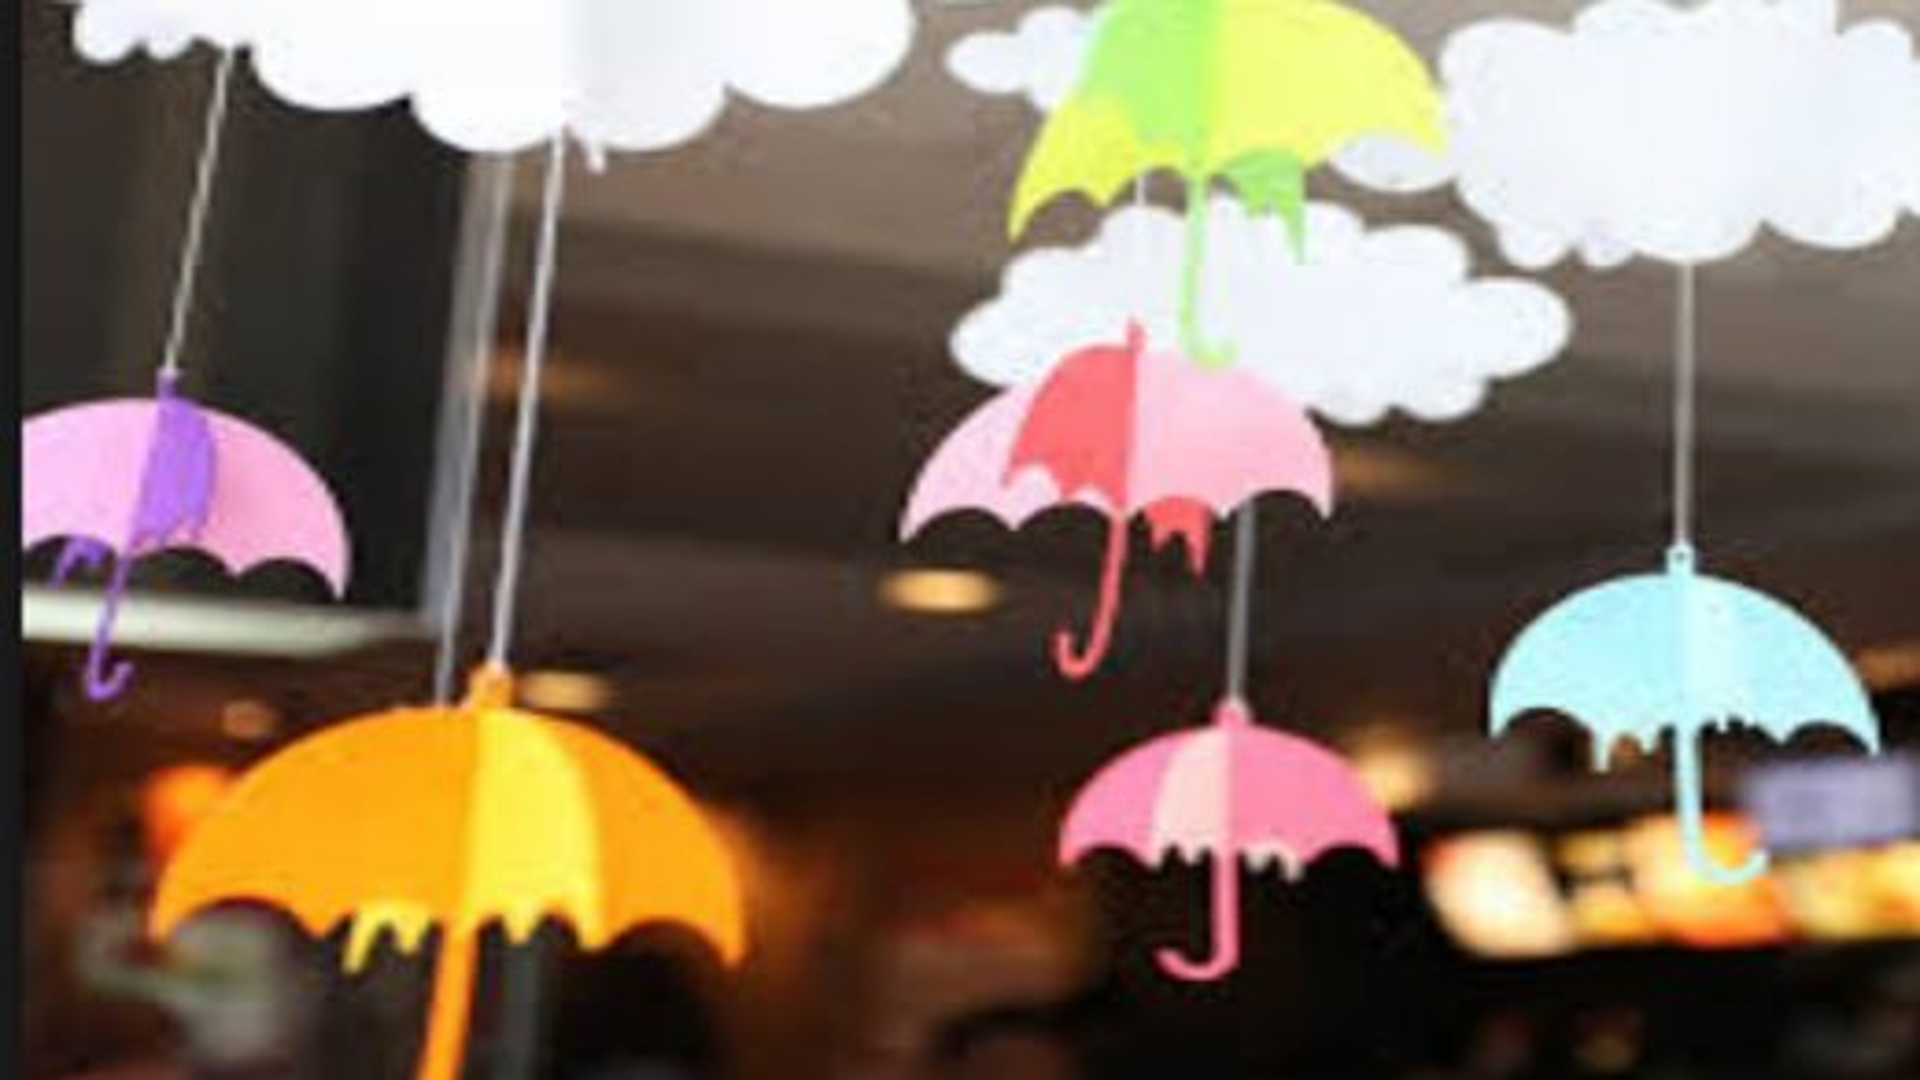 ساخت آویز چتری با استفاده از اوریگامی برای دیوار اتاق کودکان | تگ